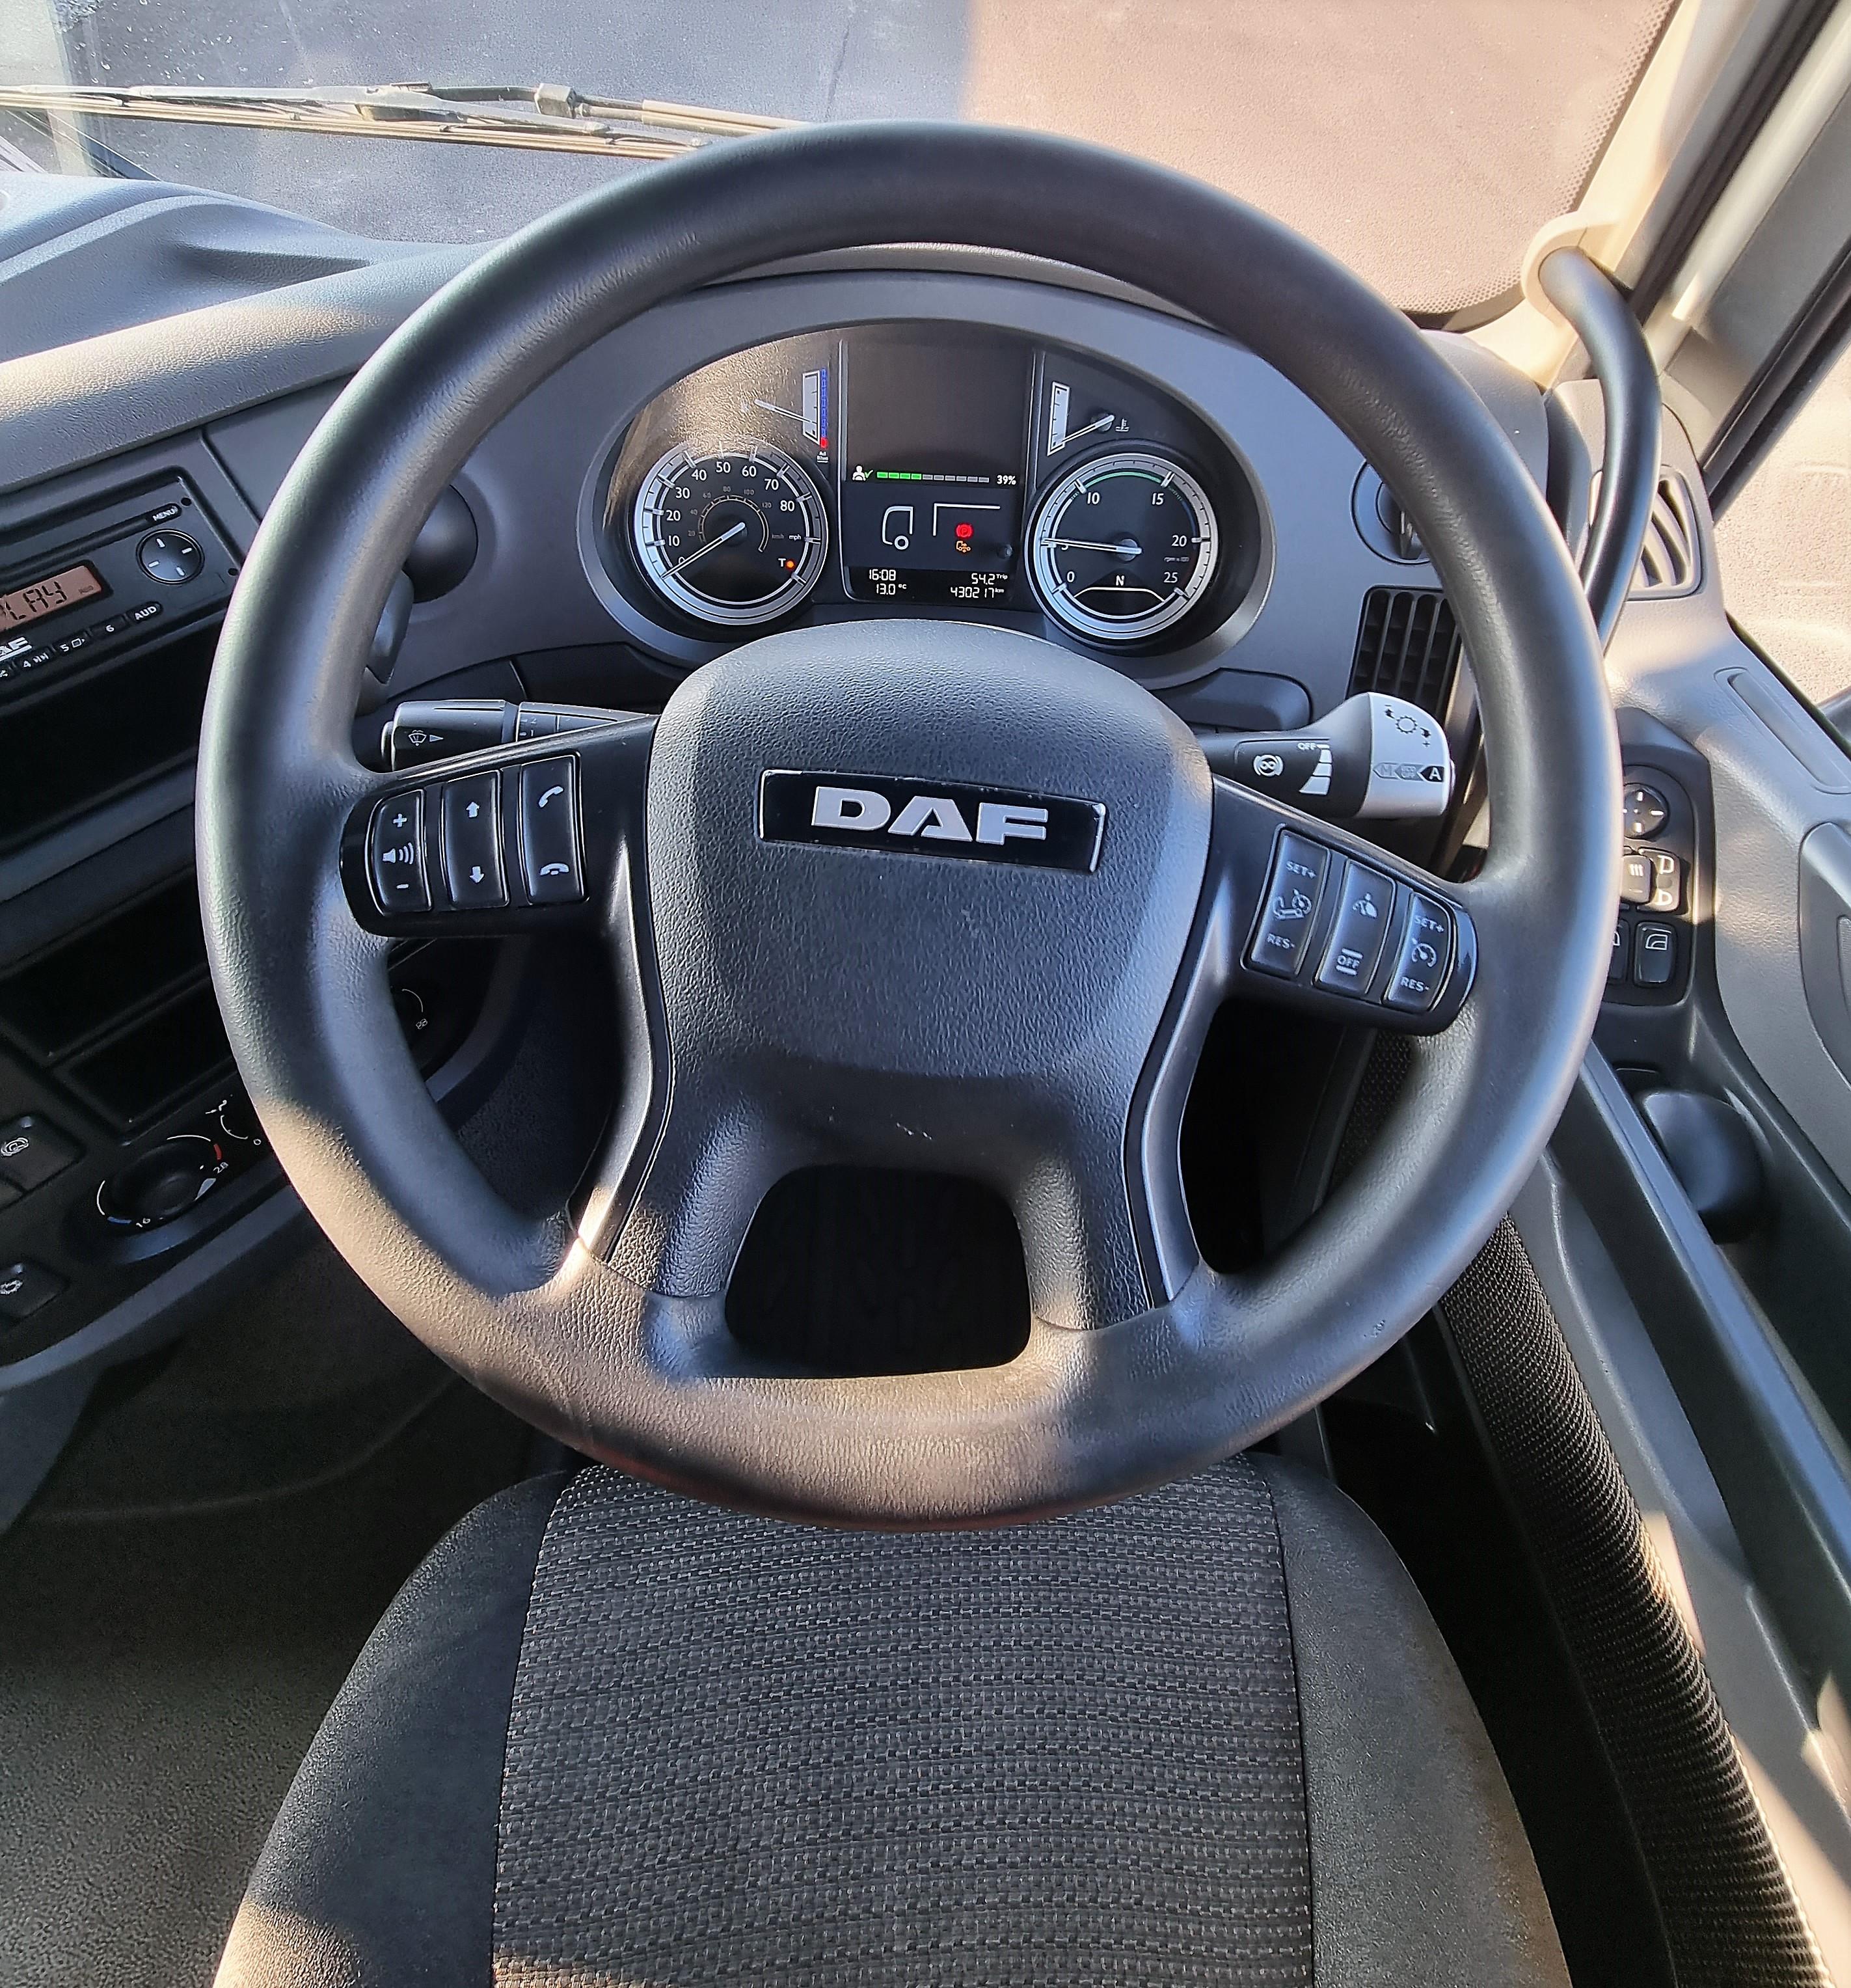 DAF FTG XF 510 SSC Euro 6 Image 3